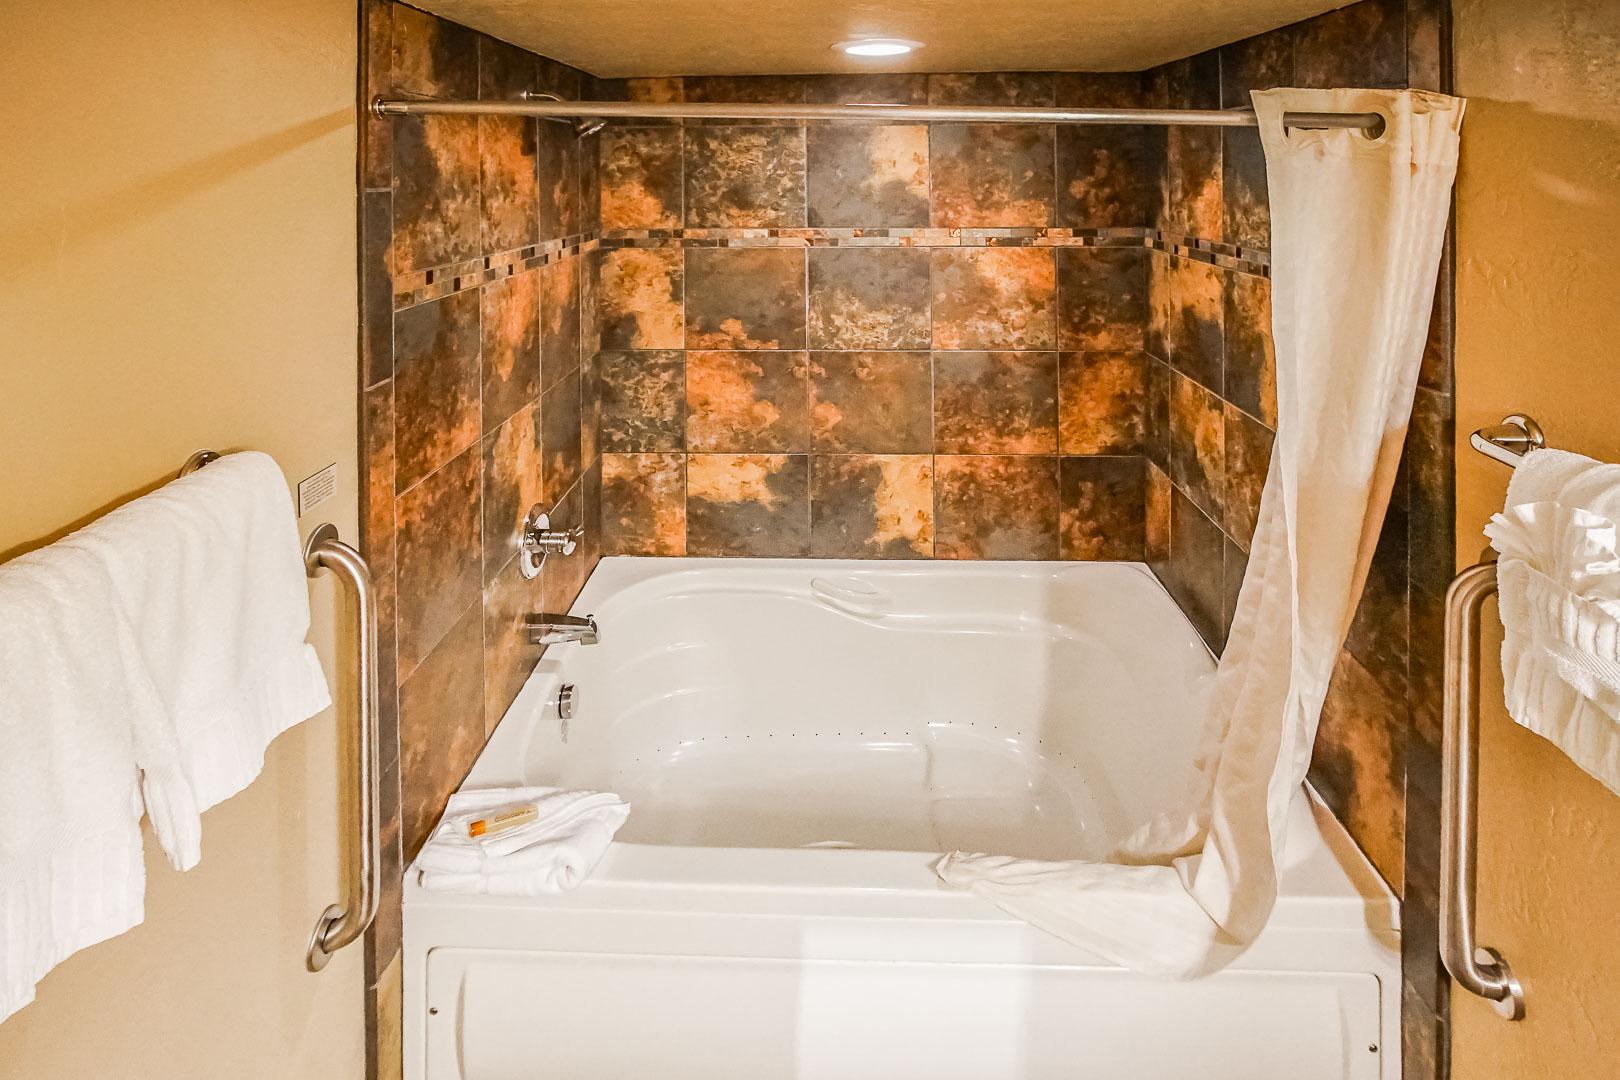 A clean bathroom at VRI's Villas at Poco Diablo in Sedona, Arizona.